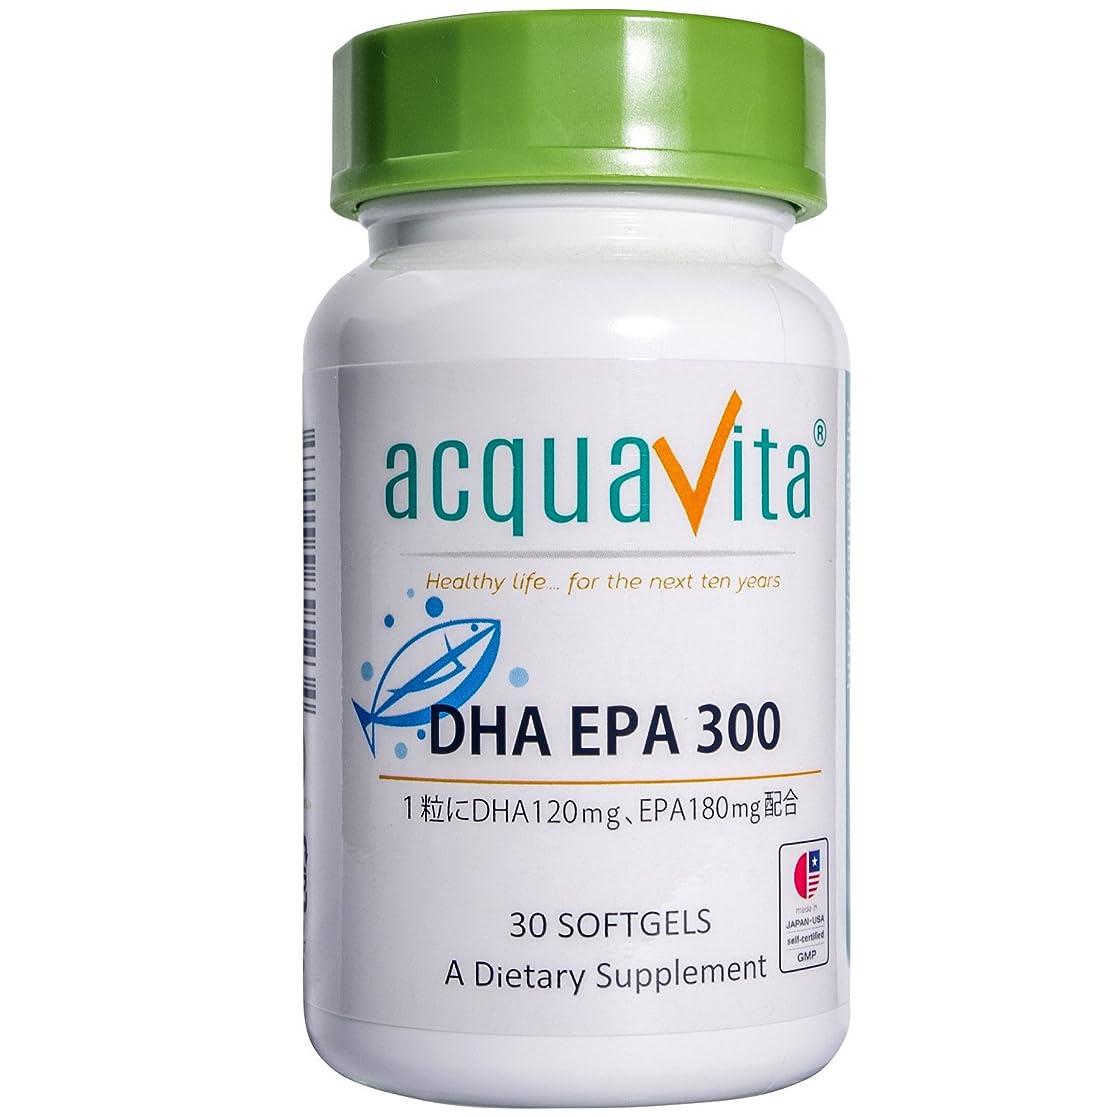 ほぼ蒸発馬鹿げたacquavita(アクアヴィータ)DHA EPA300 30粒